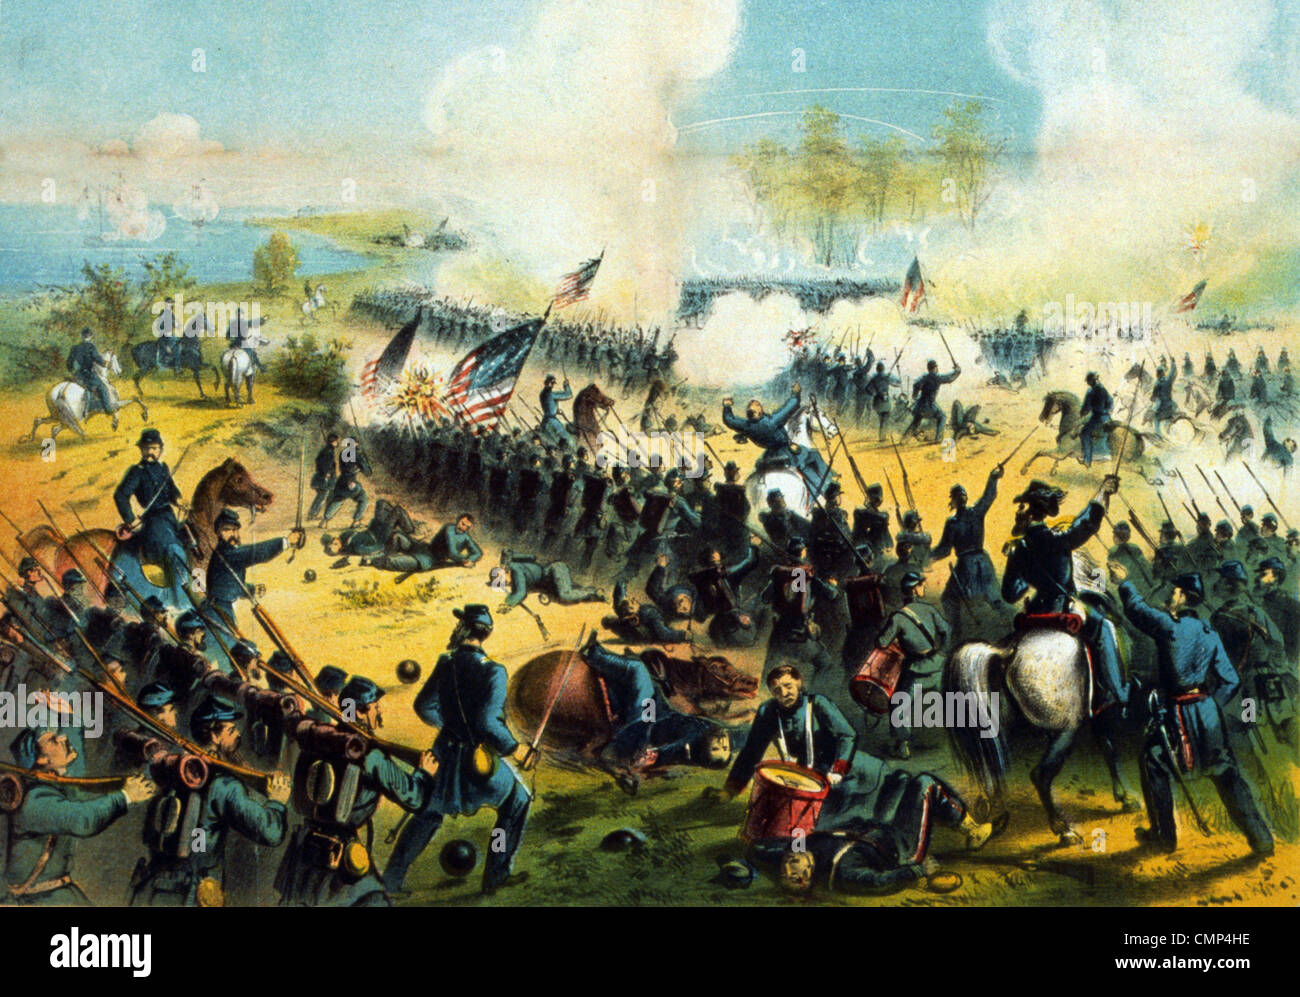 La battaglia di Shiloh, conosciuta anche come Battaglia di Pittsburg Landing, battaglia nel teatro occidentale della Immagini Stock